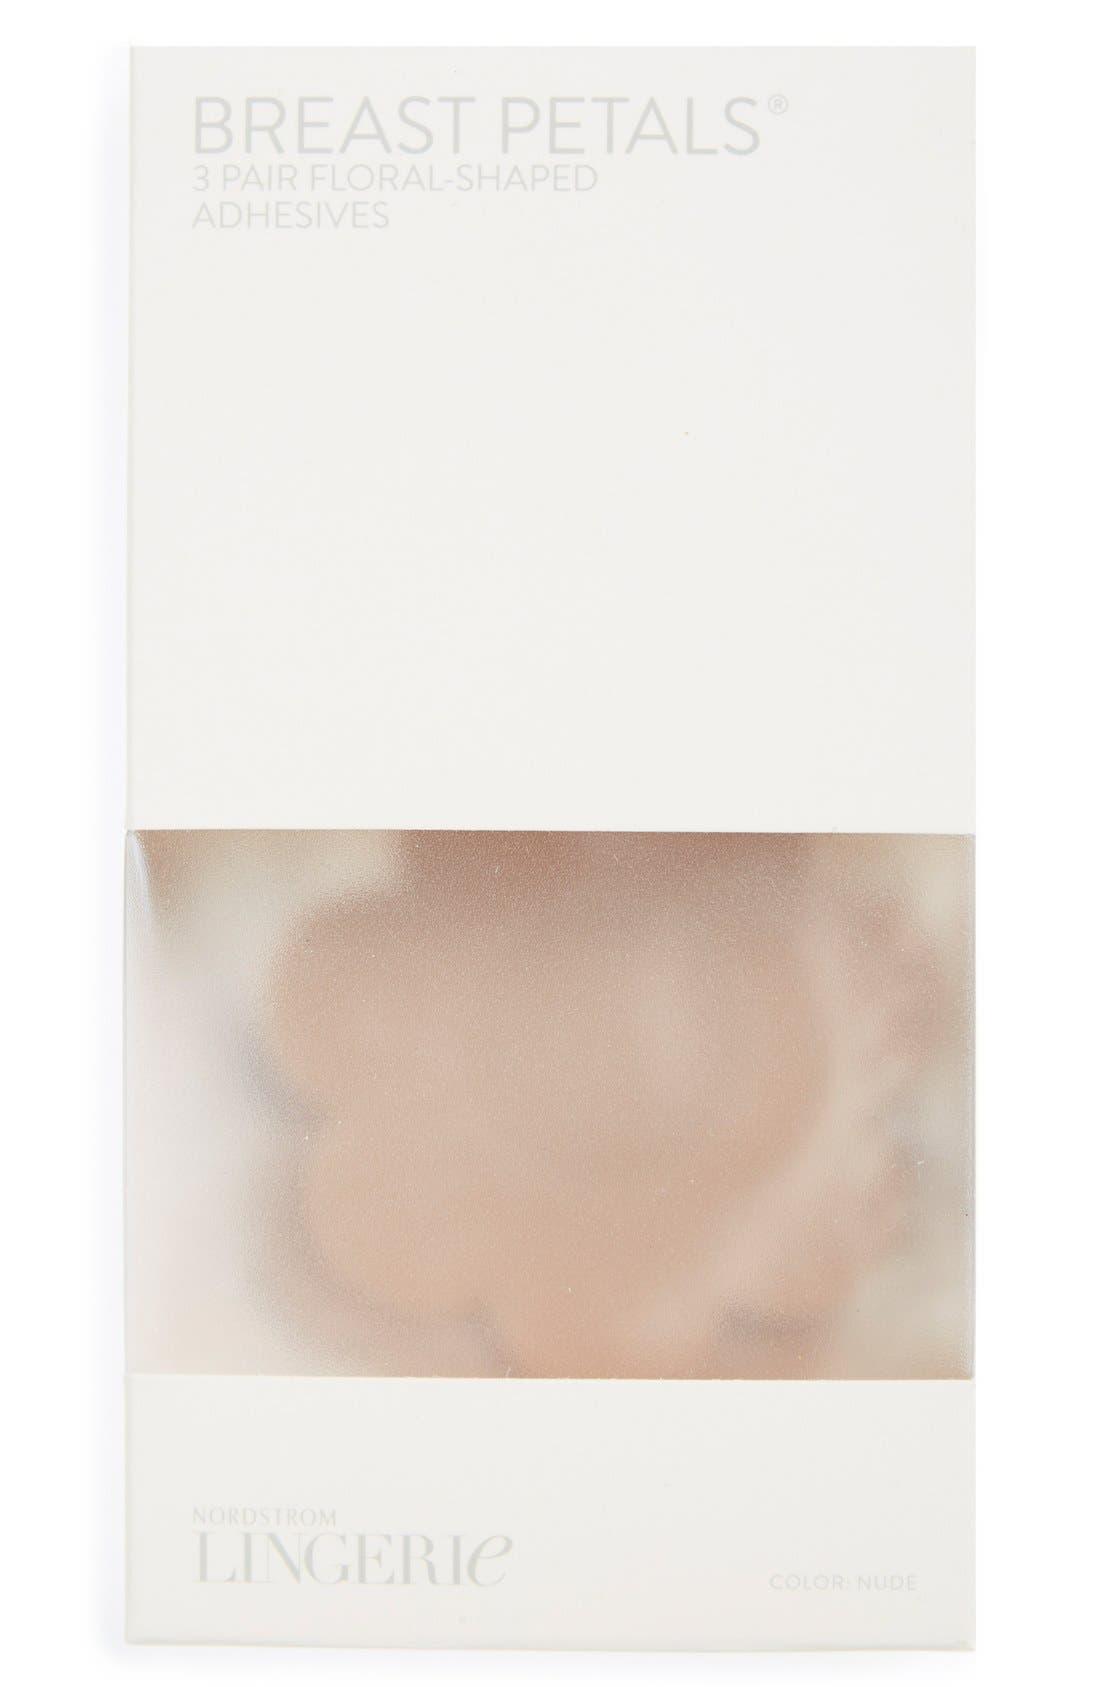 Alternate Image 2  - Nordstrom Lingerie Breast Petals